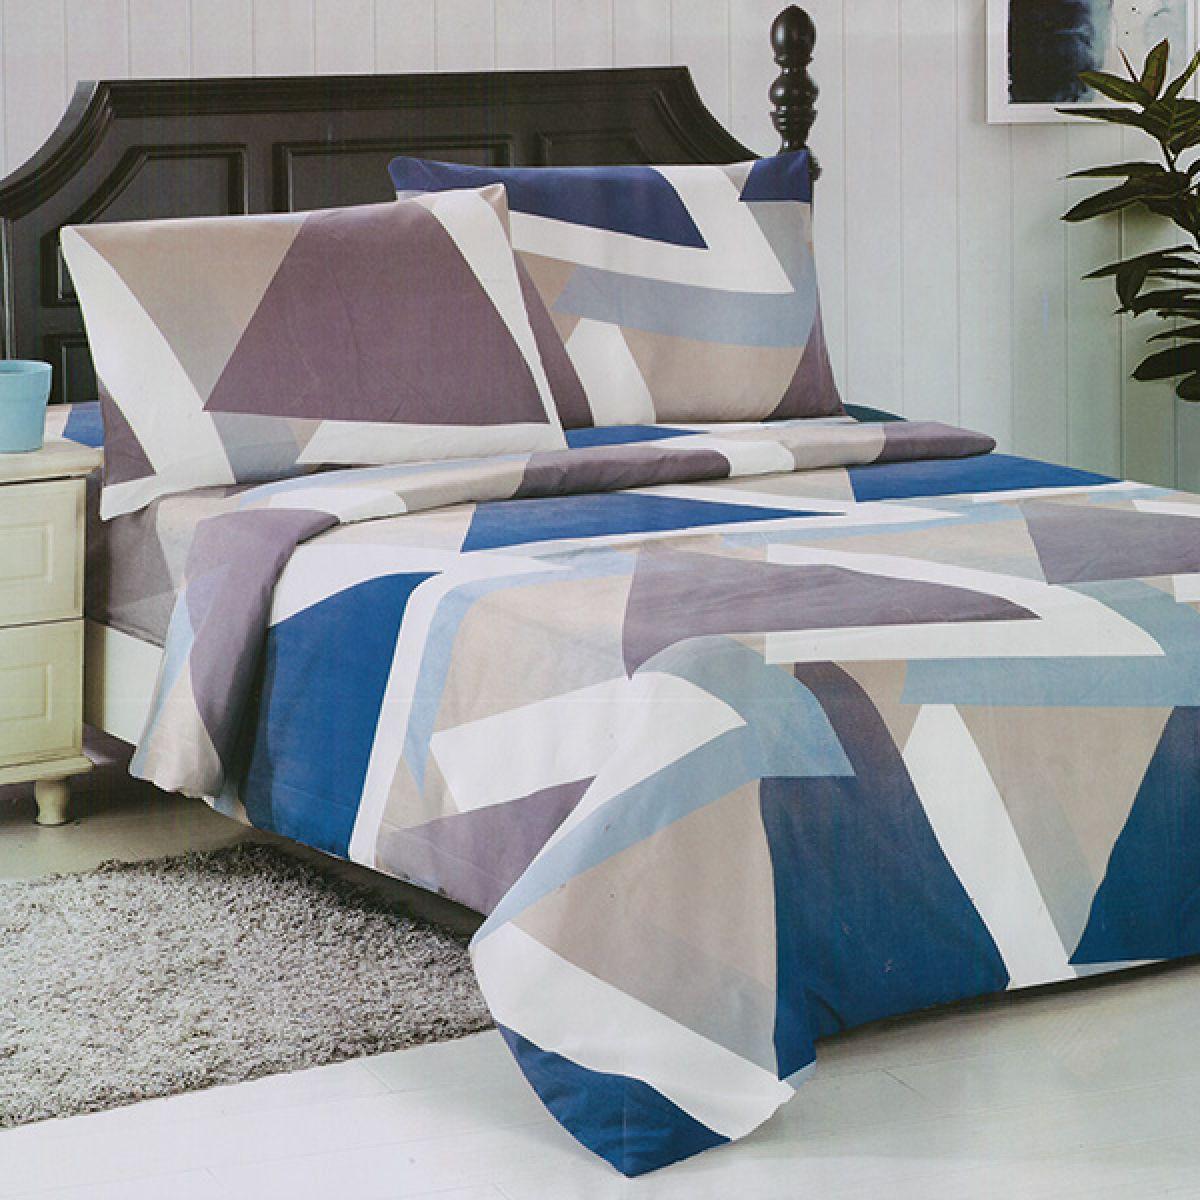 Cheap Beddings - TPR-516 - 220x200cm - 4 pcs